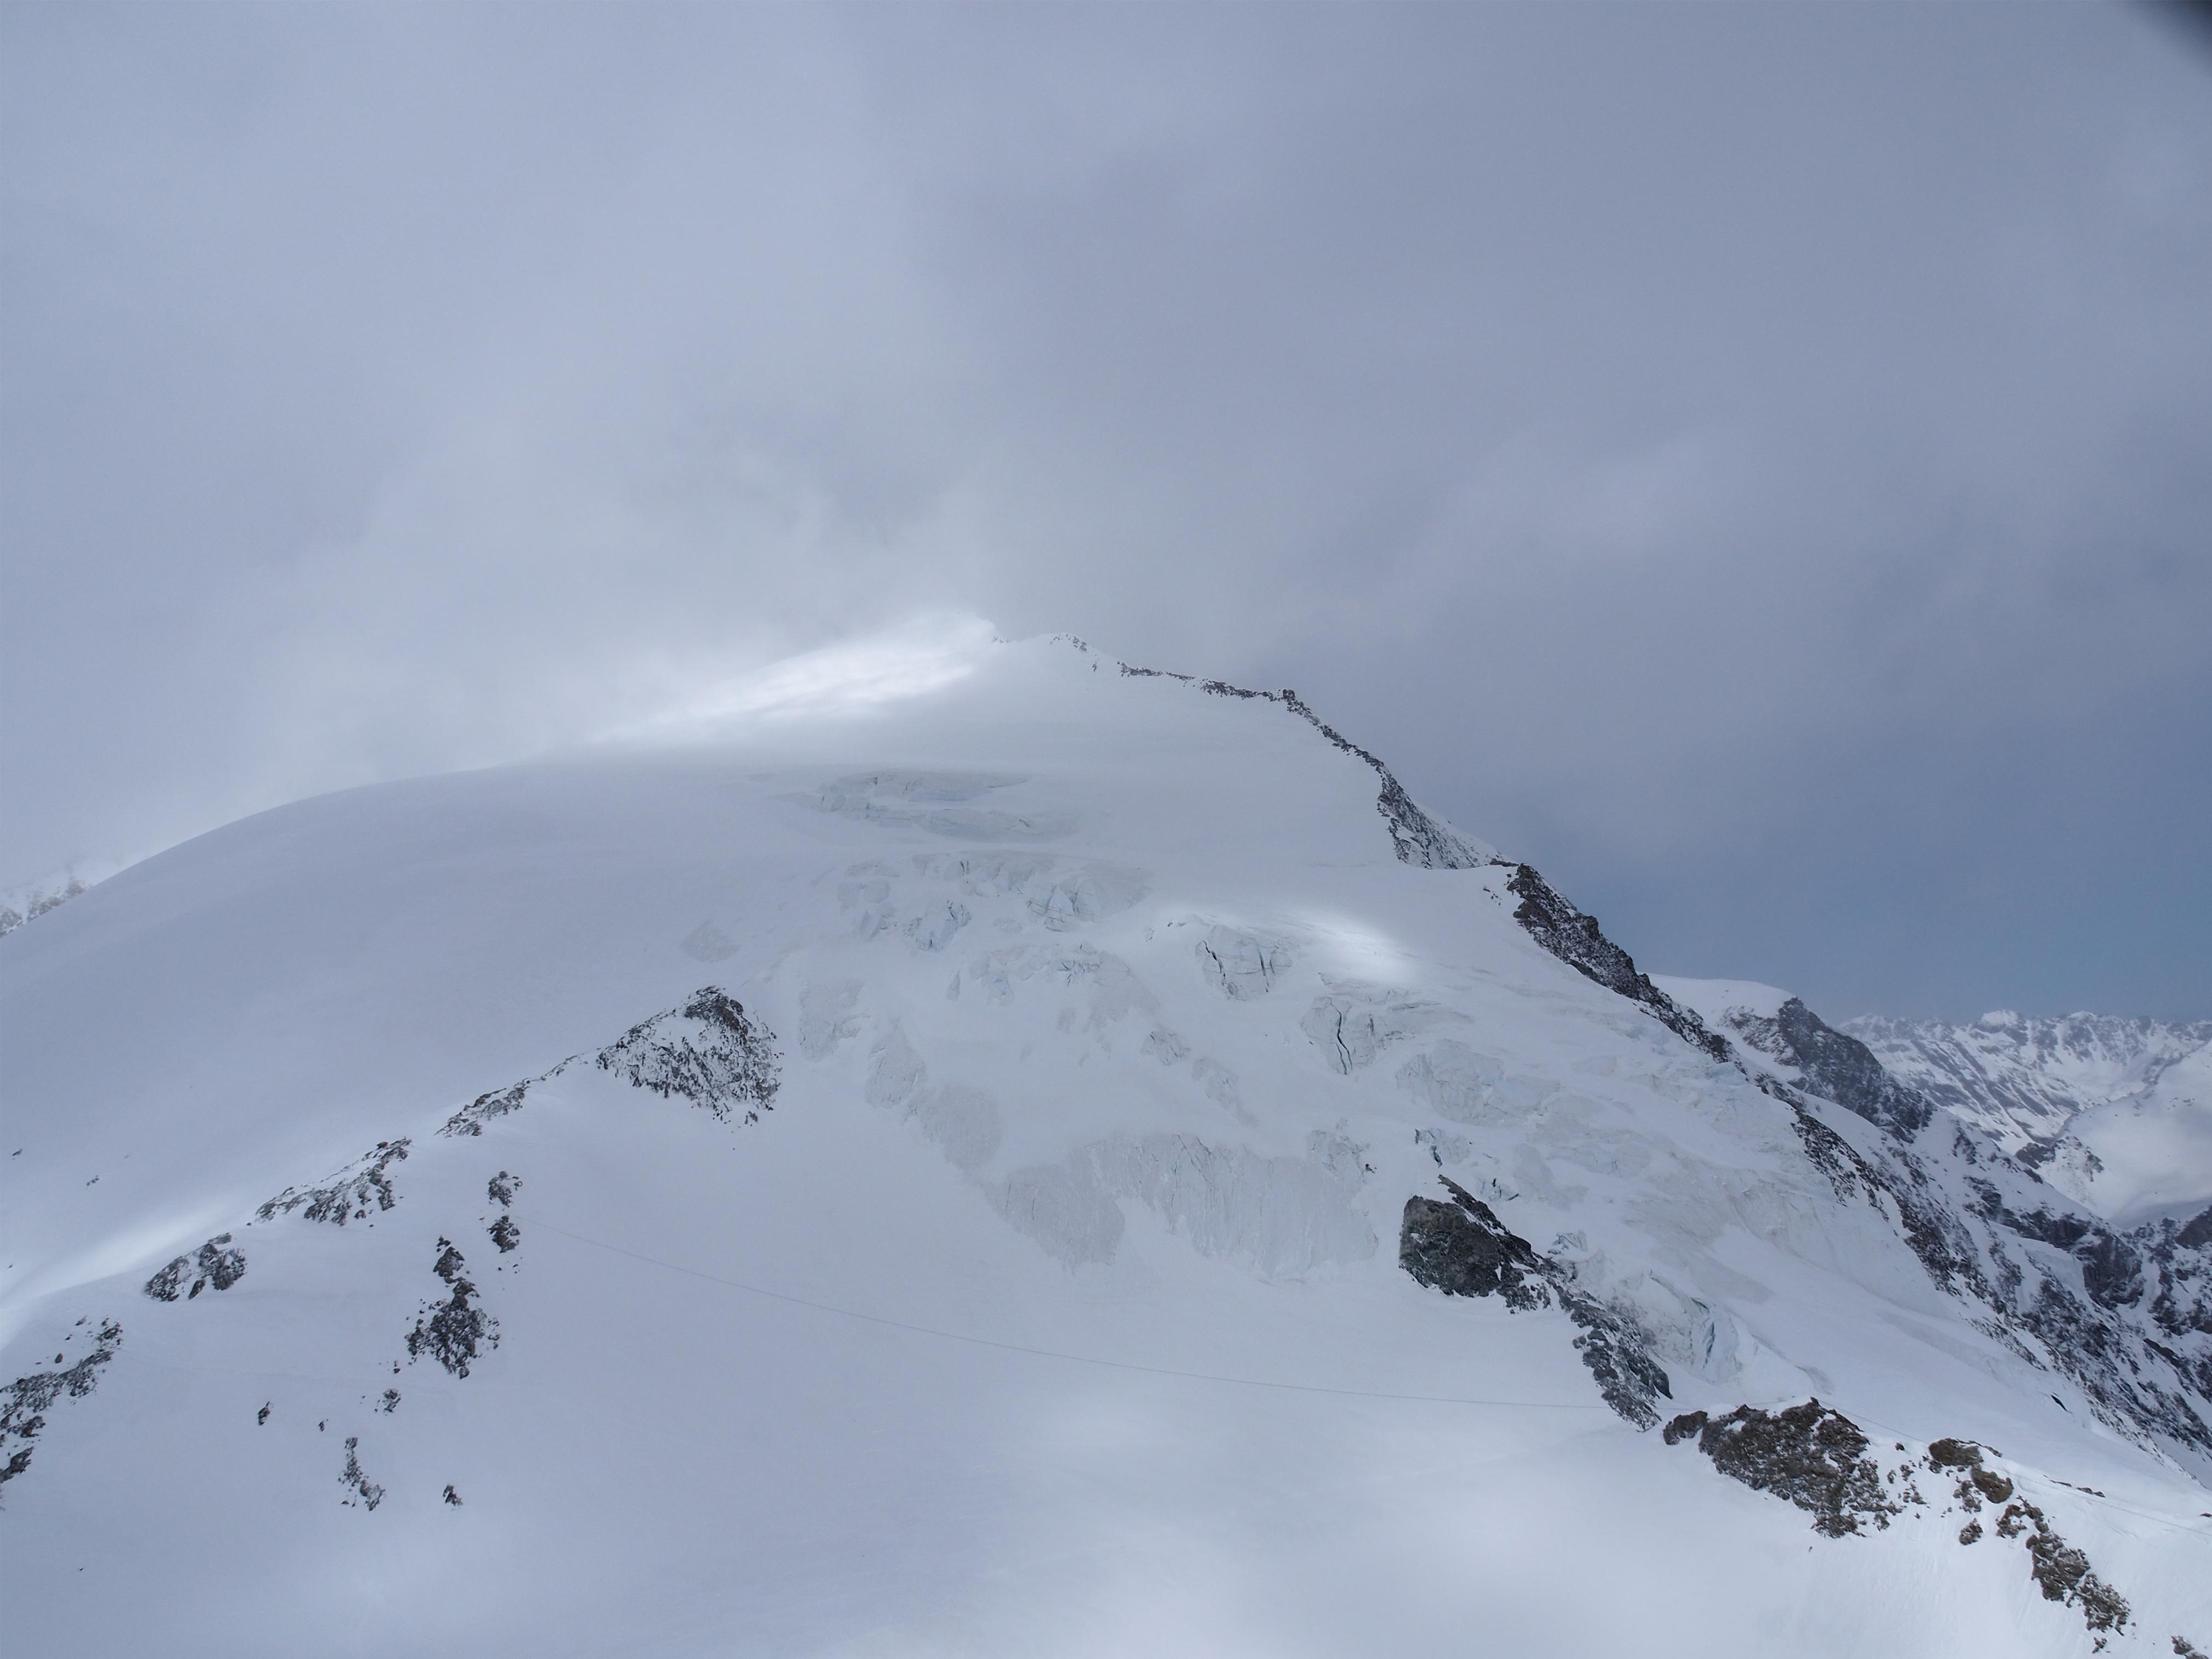 Opération de sauvetage d'alpinistes en détresse en Valais